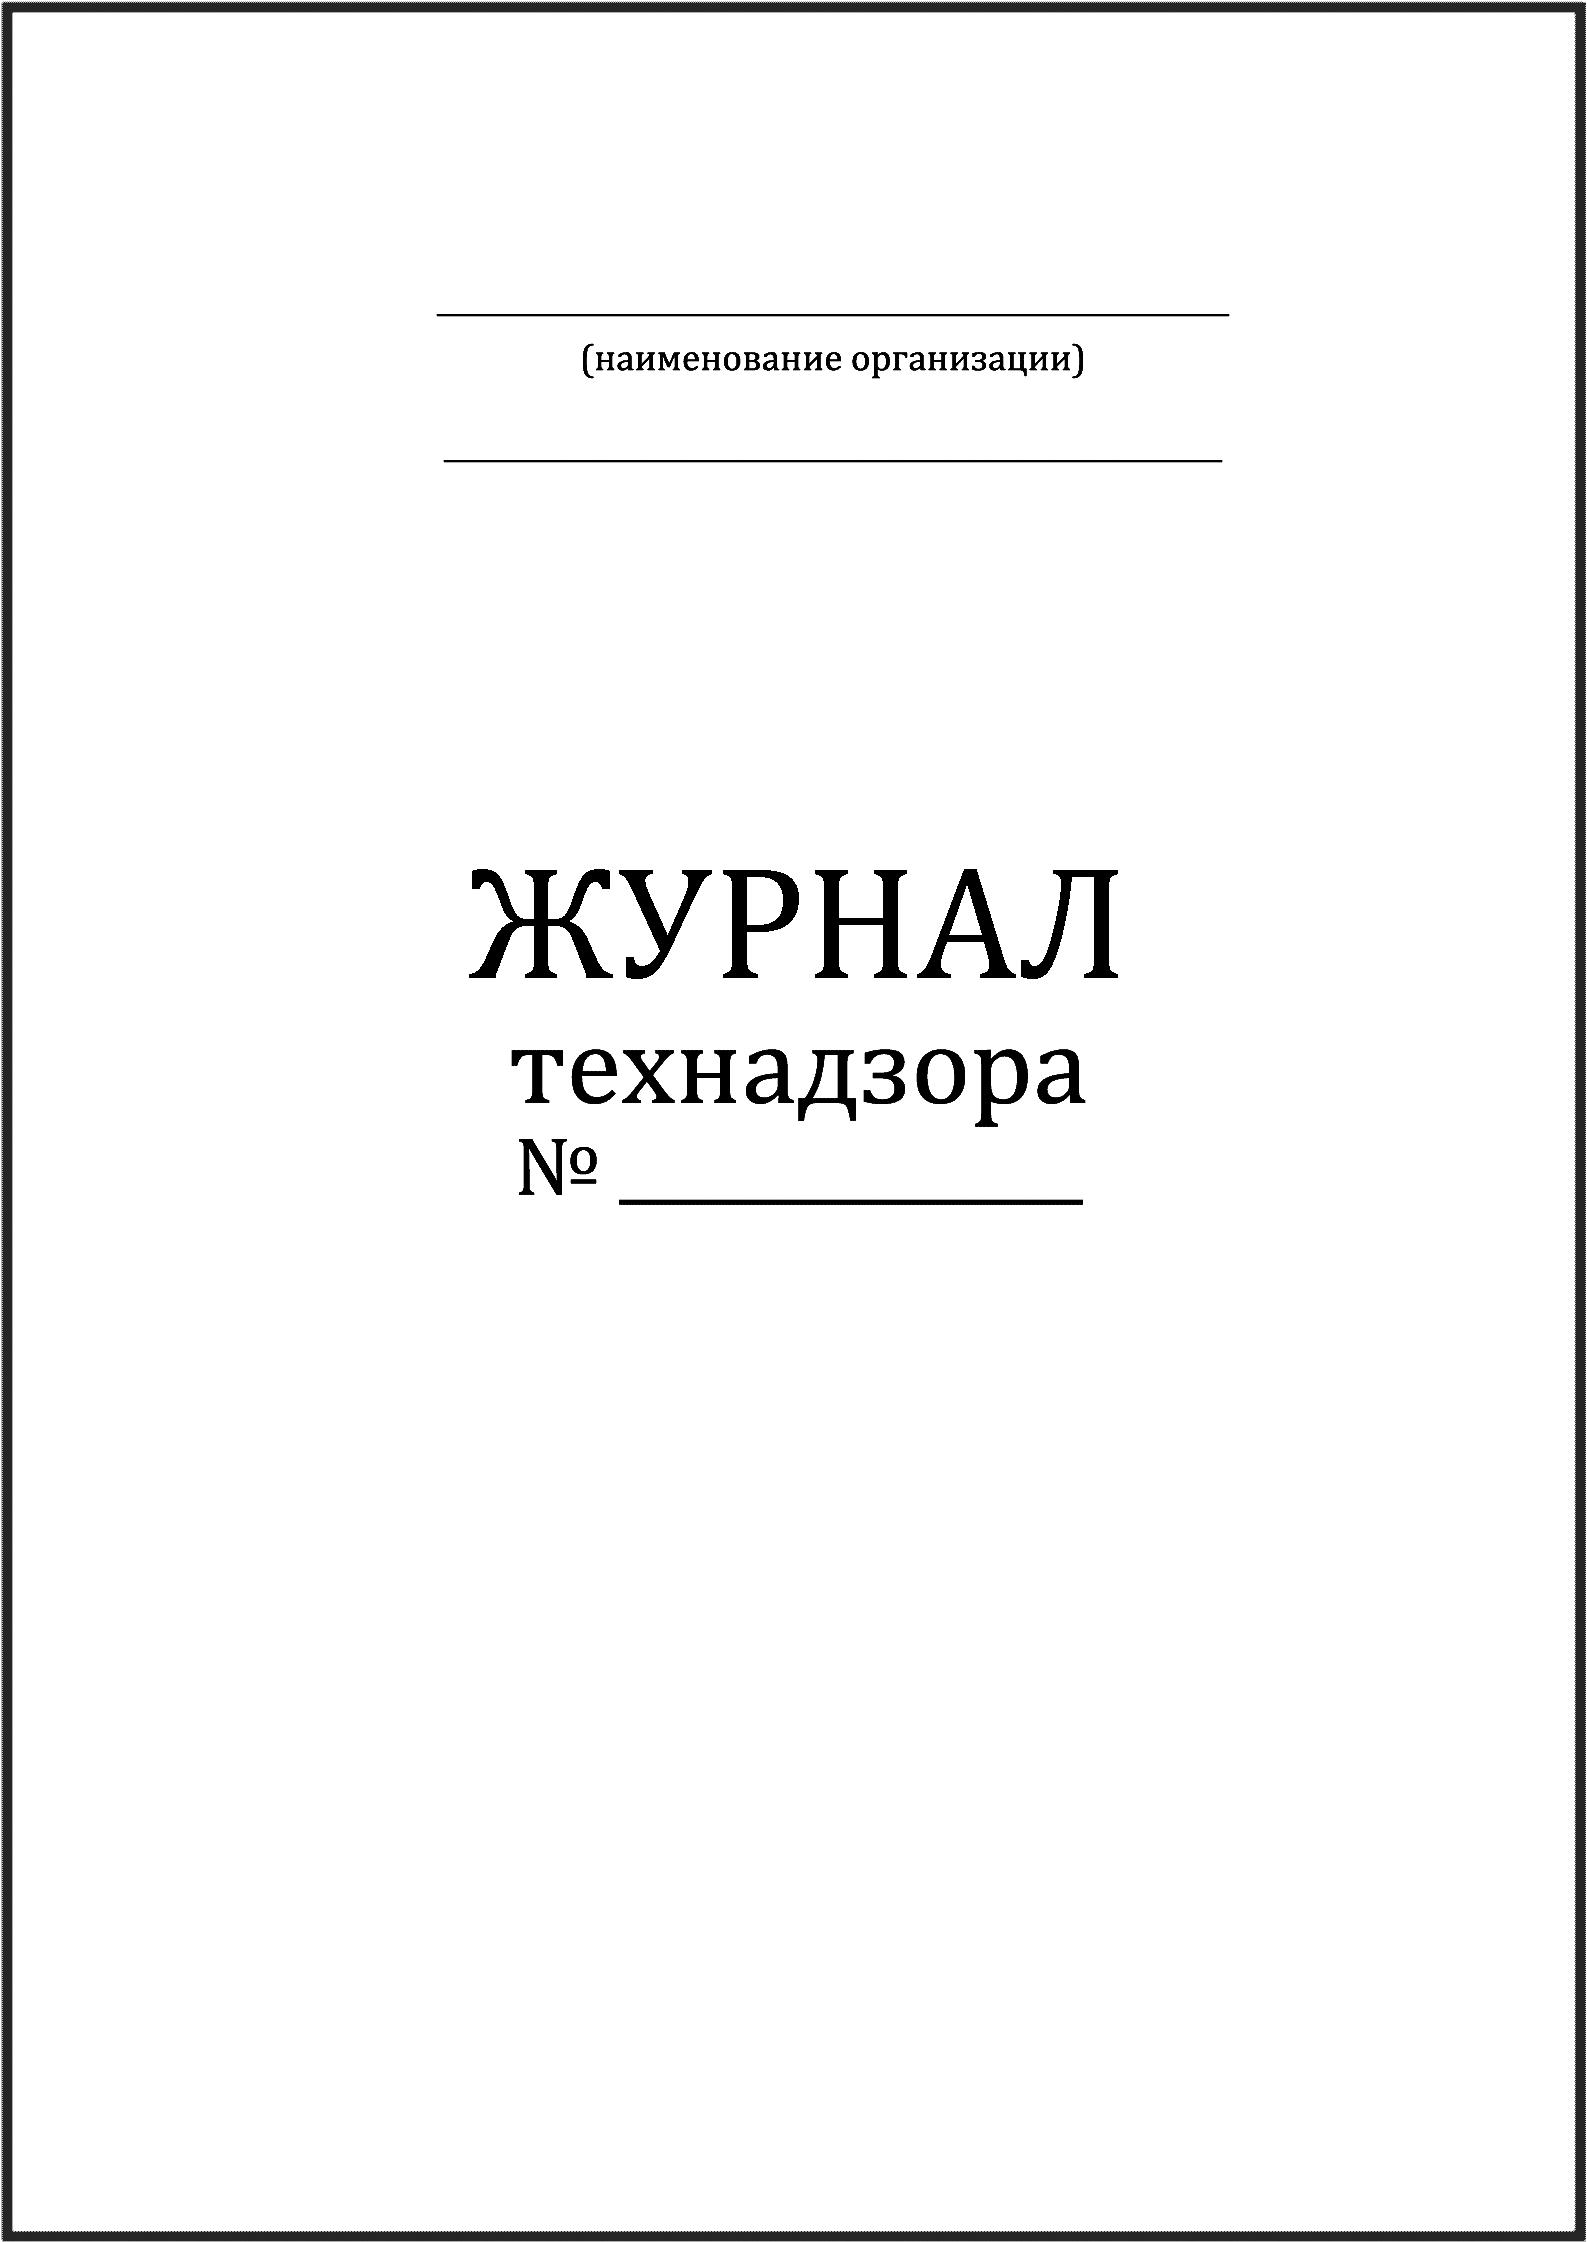 Журнал технадзора (согласно СНиП 3.01.01-85)